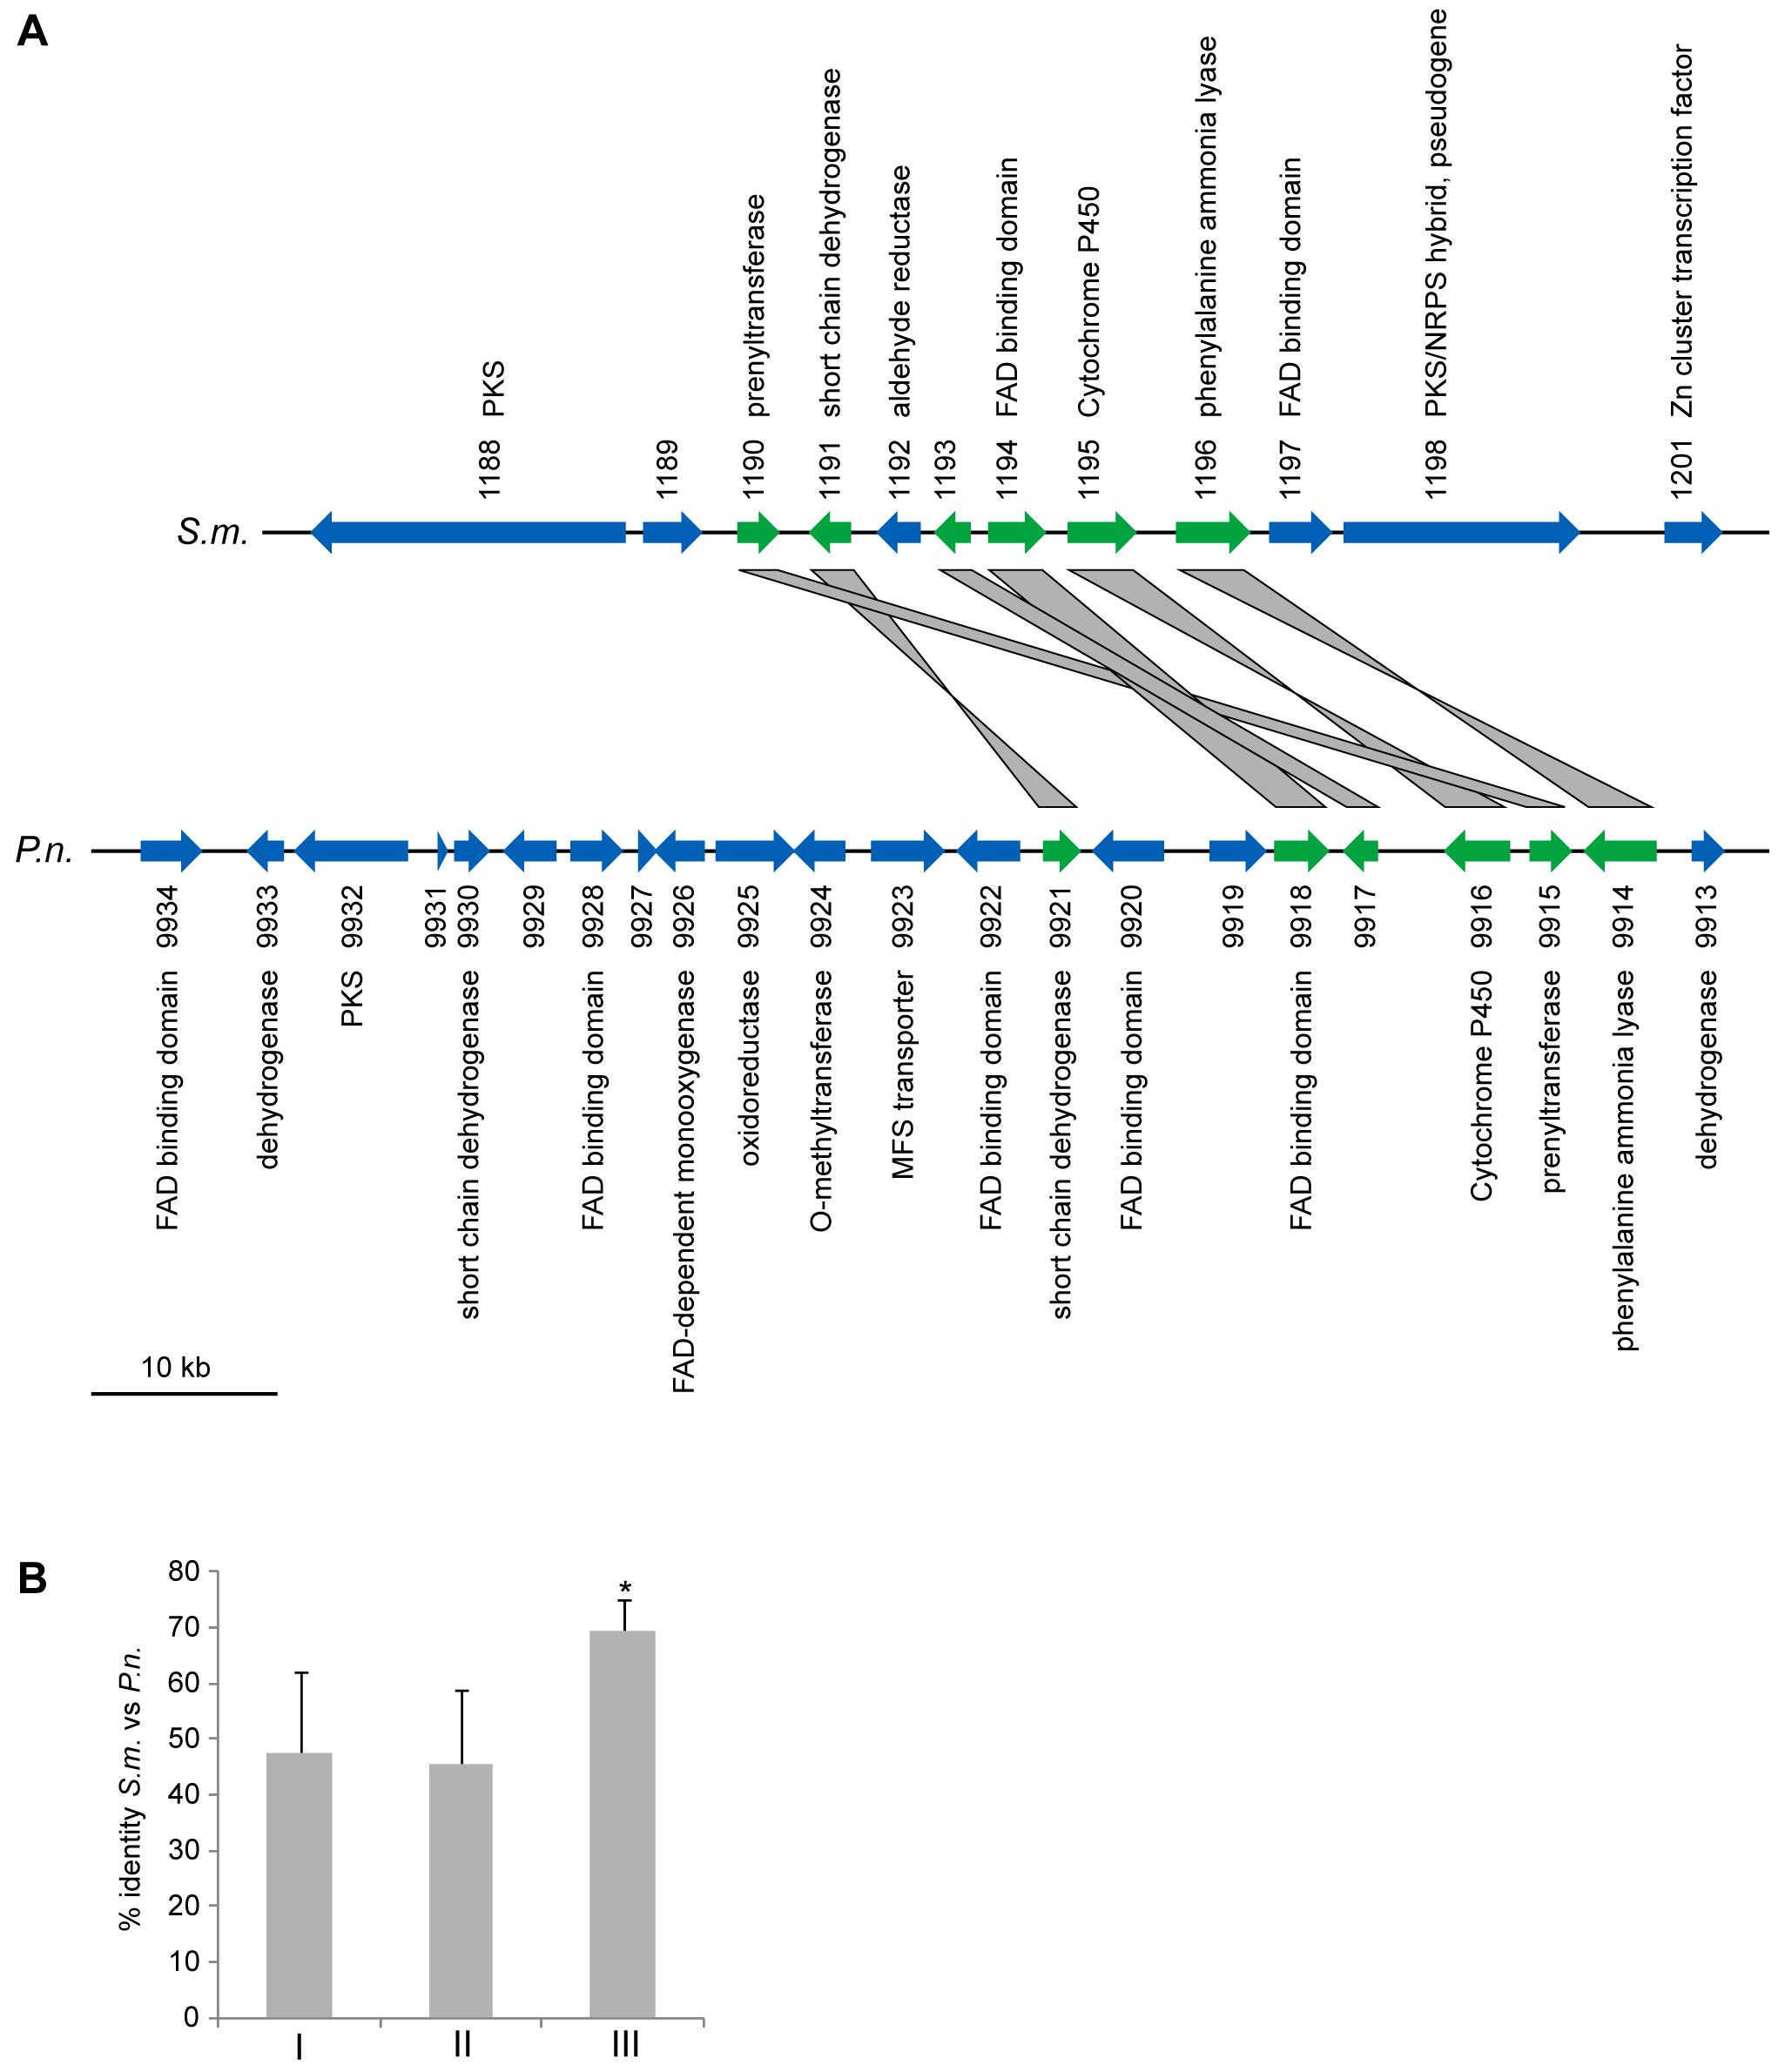 A partly orthologous polyketide biosynthesis cluster in <i>S. macrospora</i> and <i>Phaeosphaeria nodorum</i>.